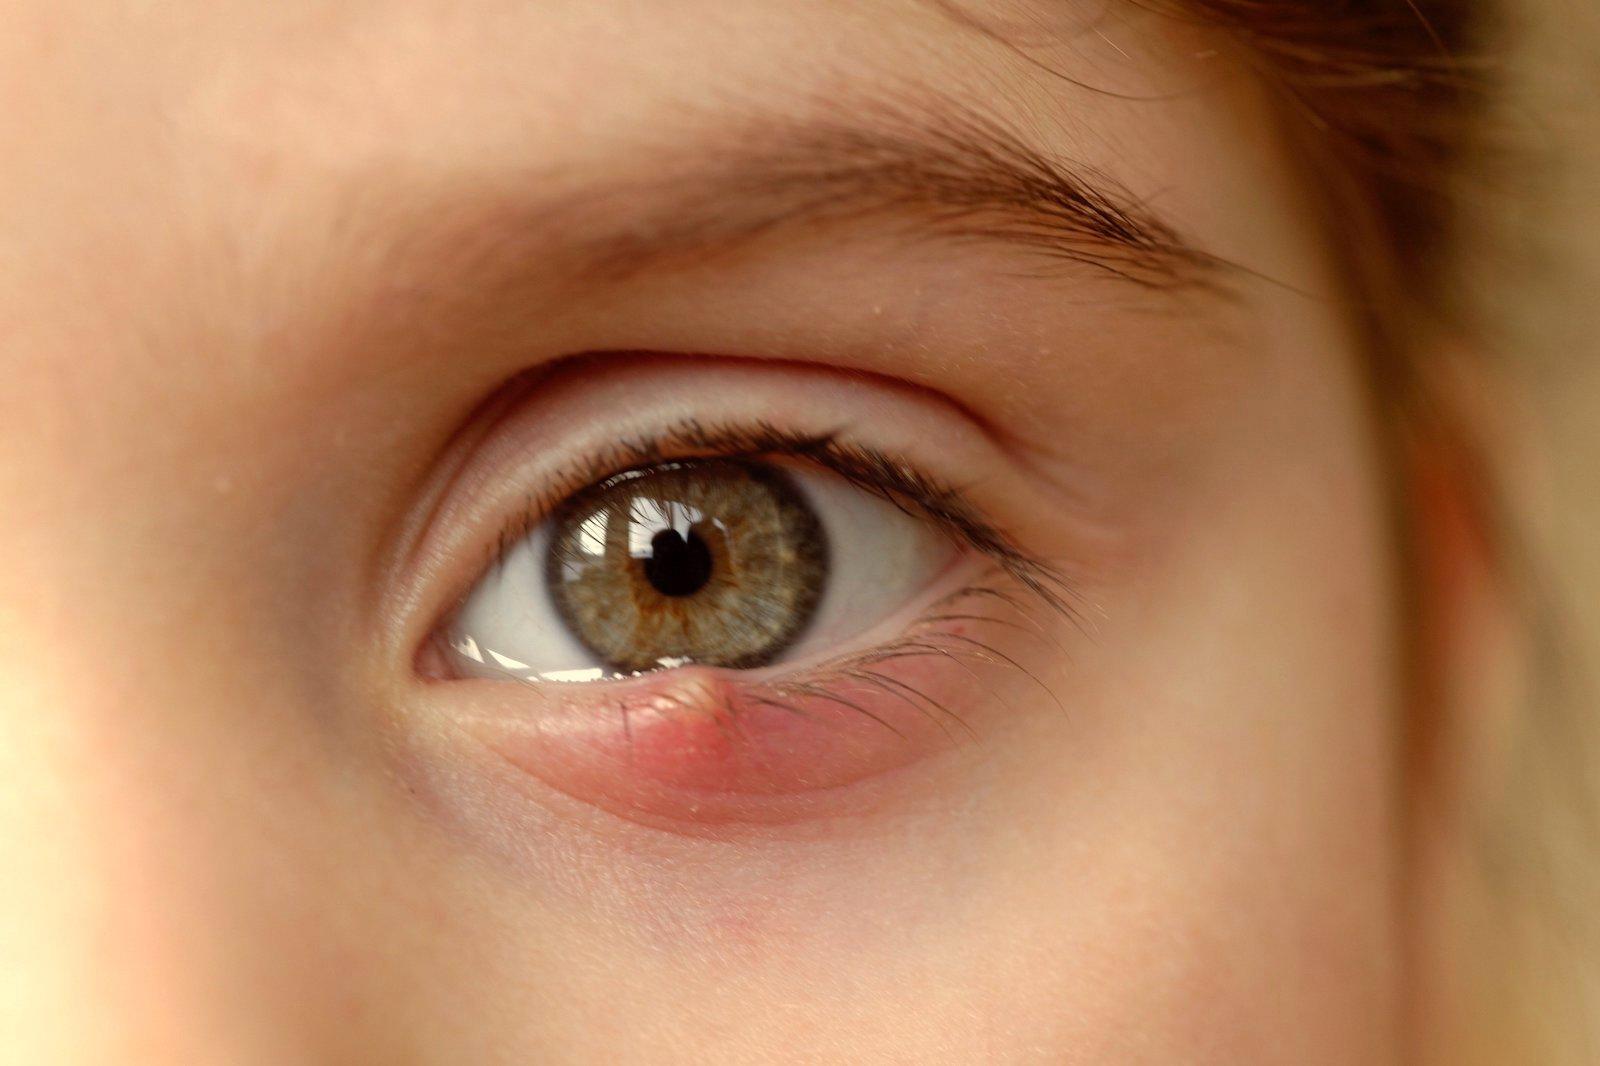 inflamație a ochilor; vedere încețoșată)